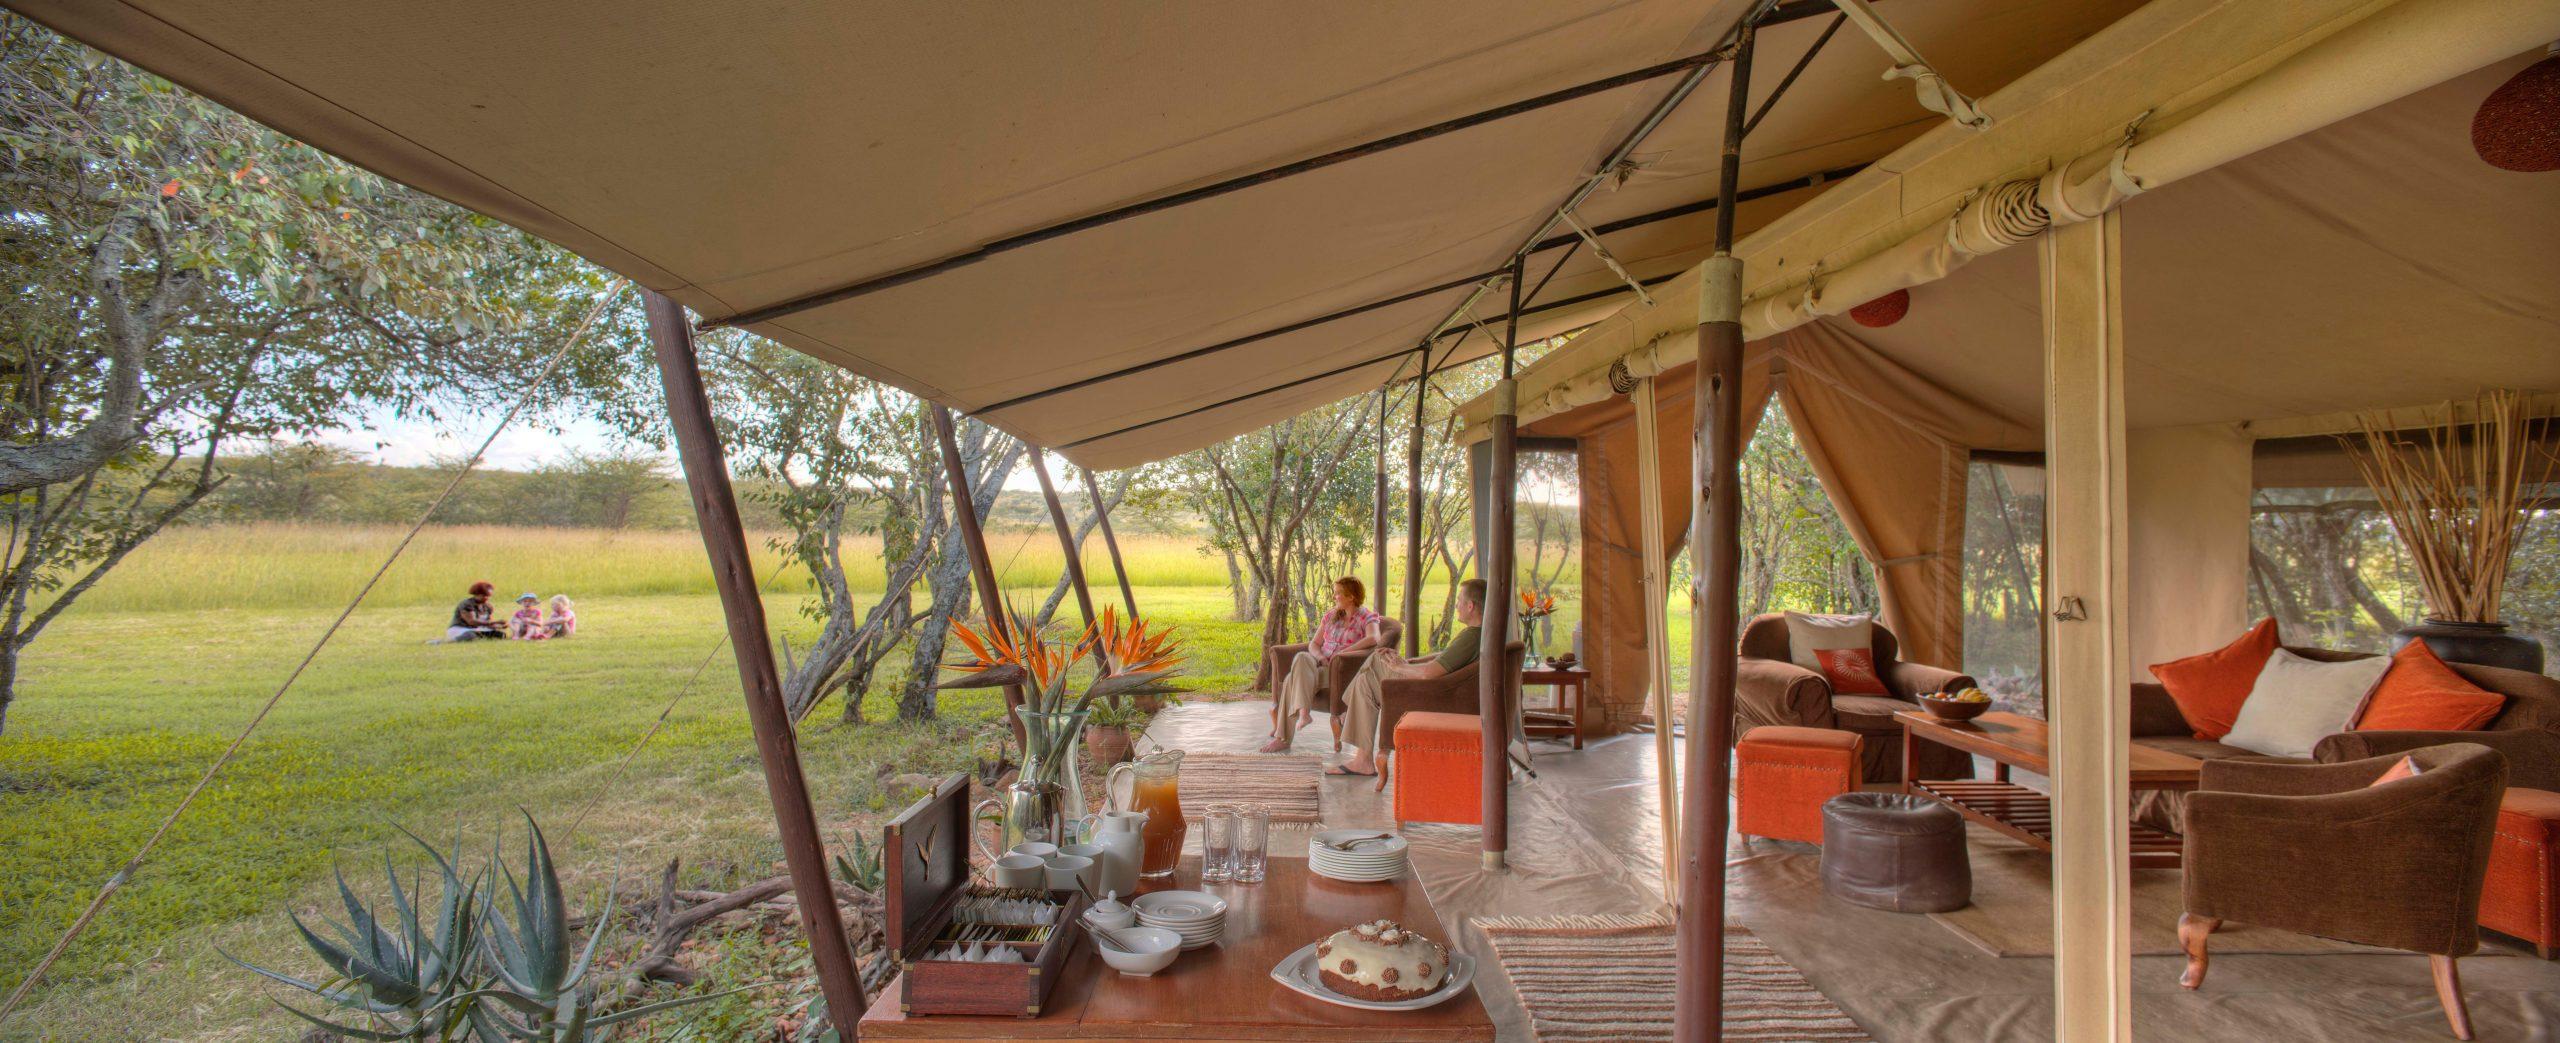 Encounter Mara Tea Lounge - Asilia